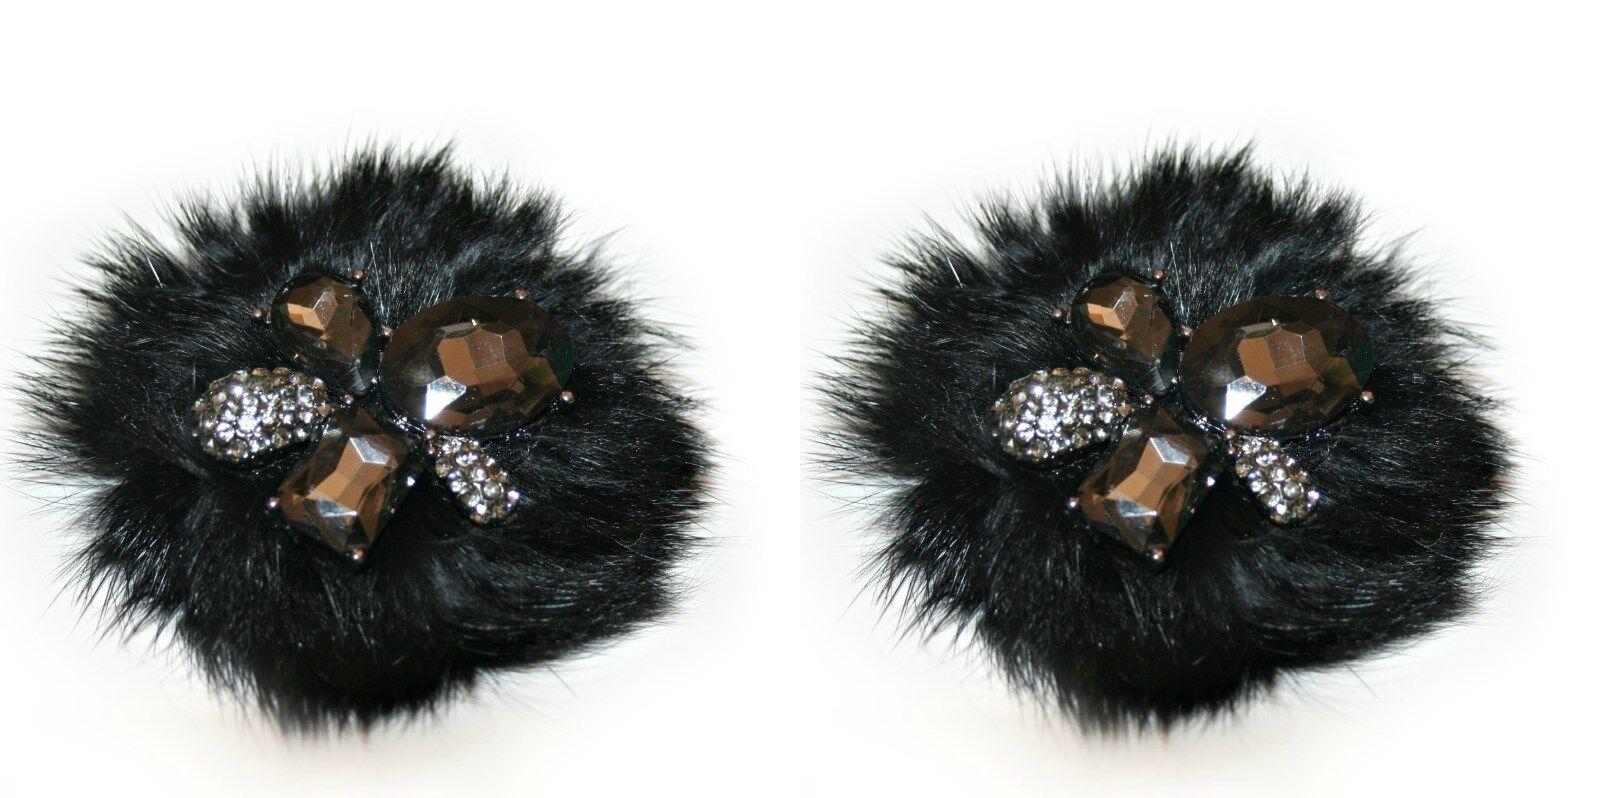 Rabbit Fur Shoe Clips, Black Clip for Shoes (2 piece), Shoe Accessories